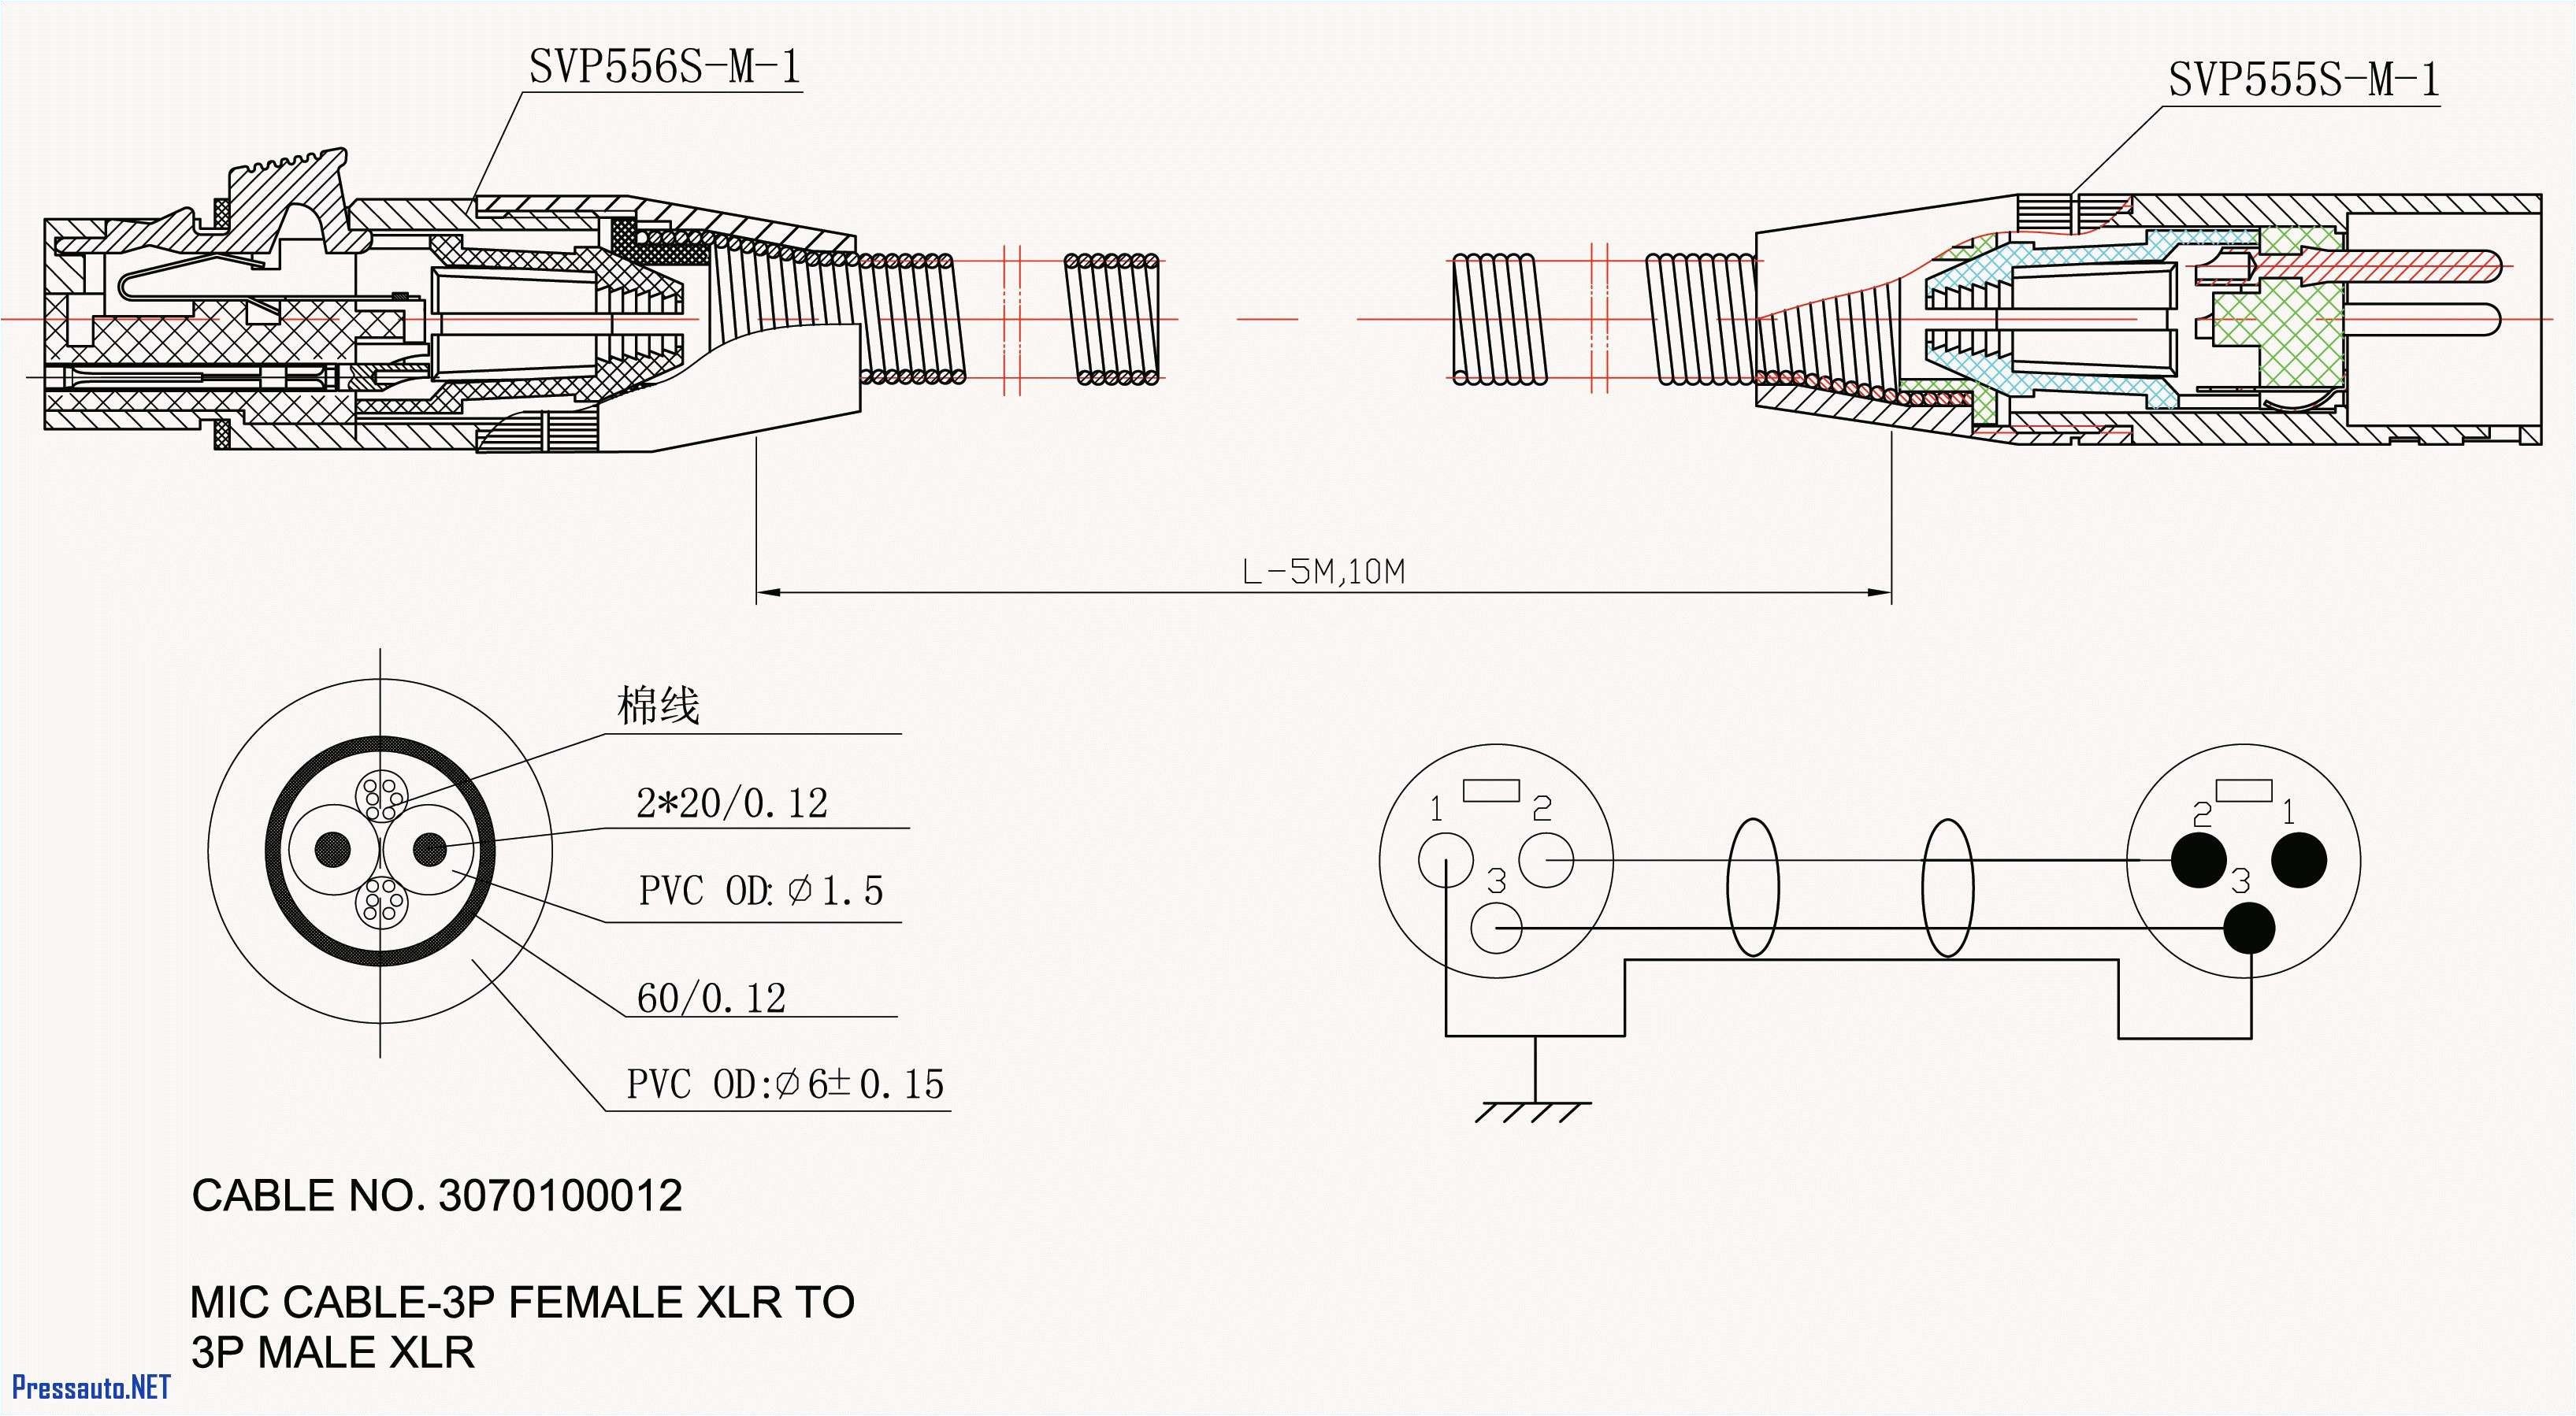 John Deere Wiring Diagrams John Deere 60 Tractor Wiring Diagram Design Ideen Von Haus Amp